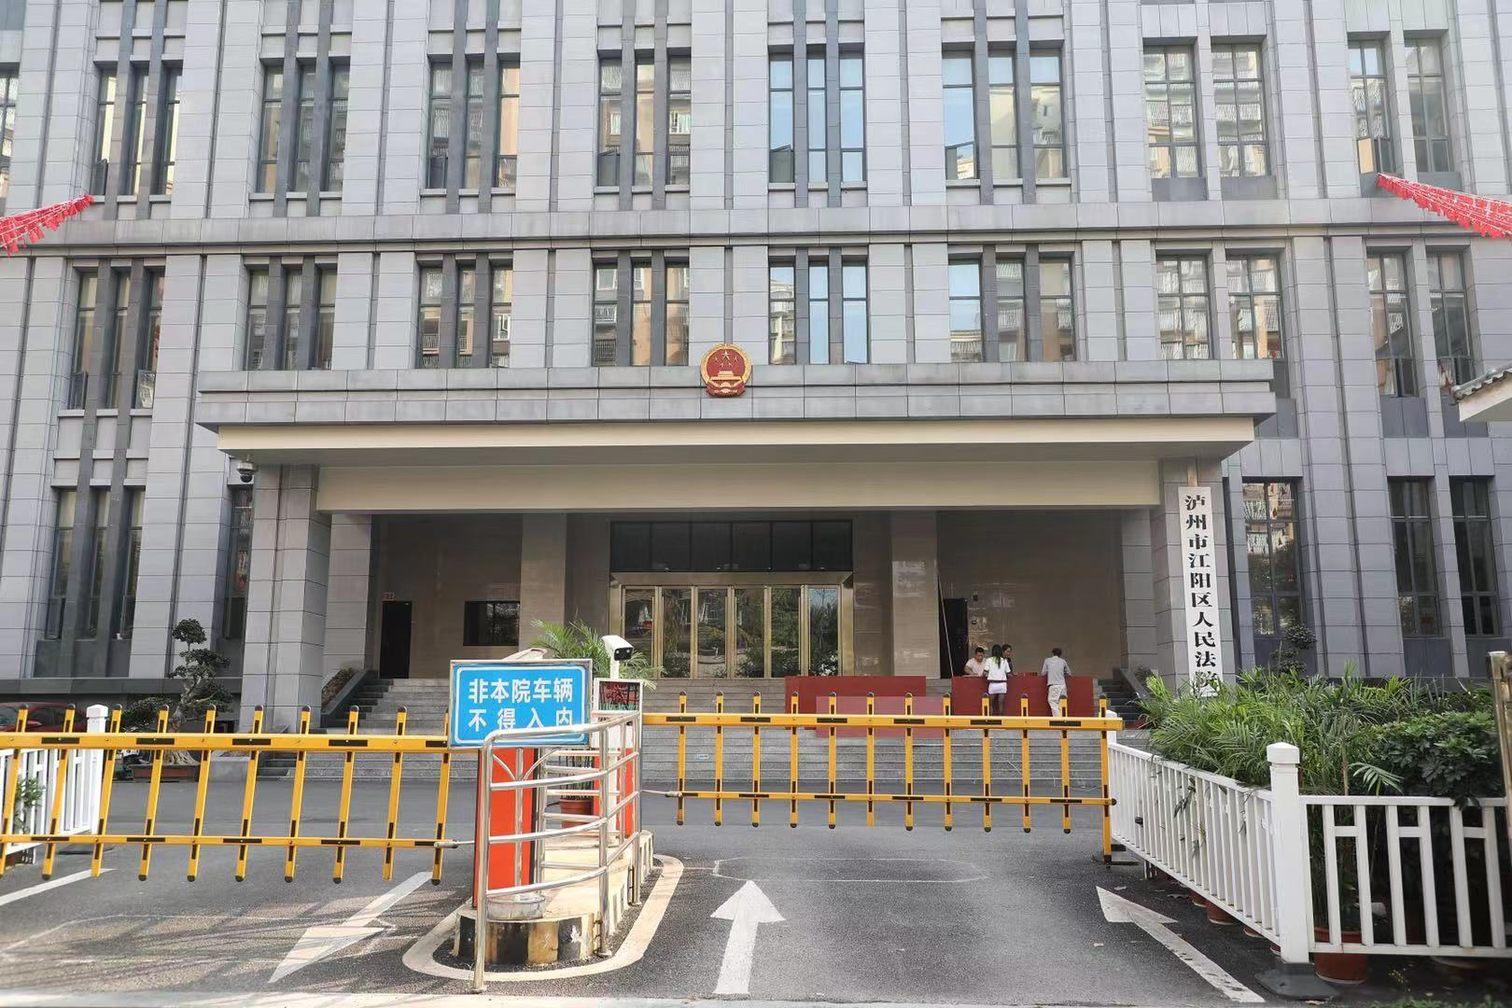 泸州市江阳区人民法院